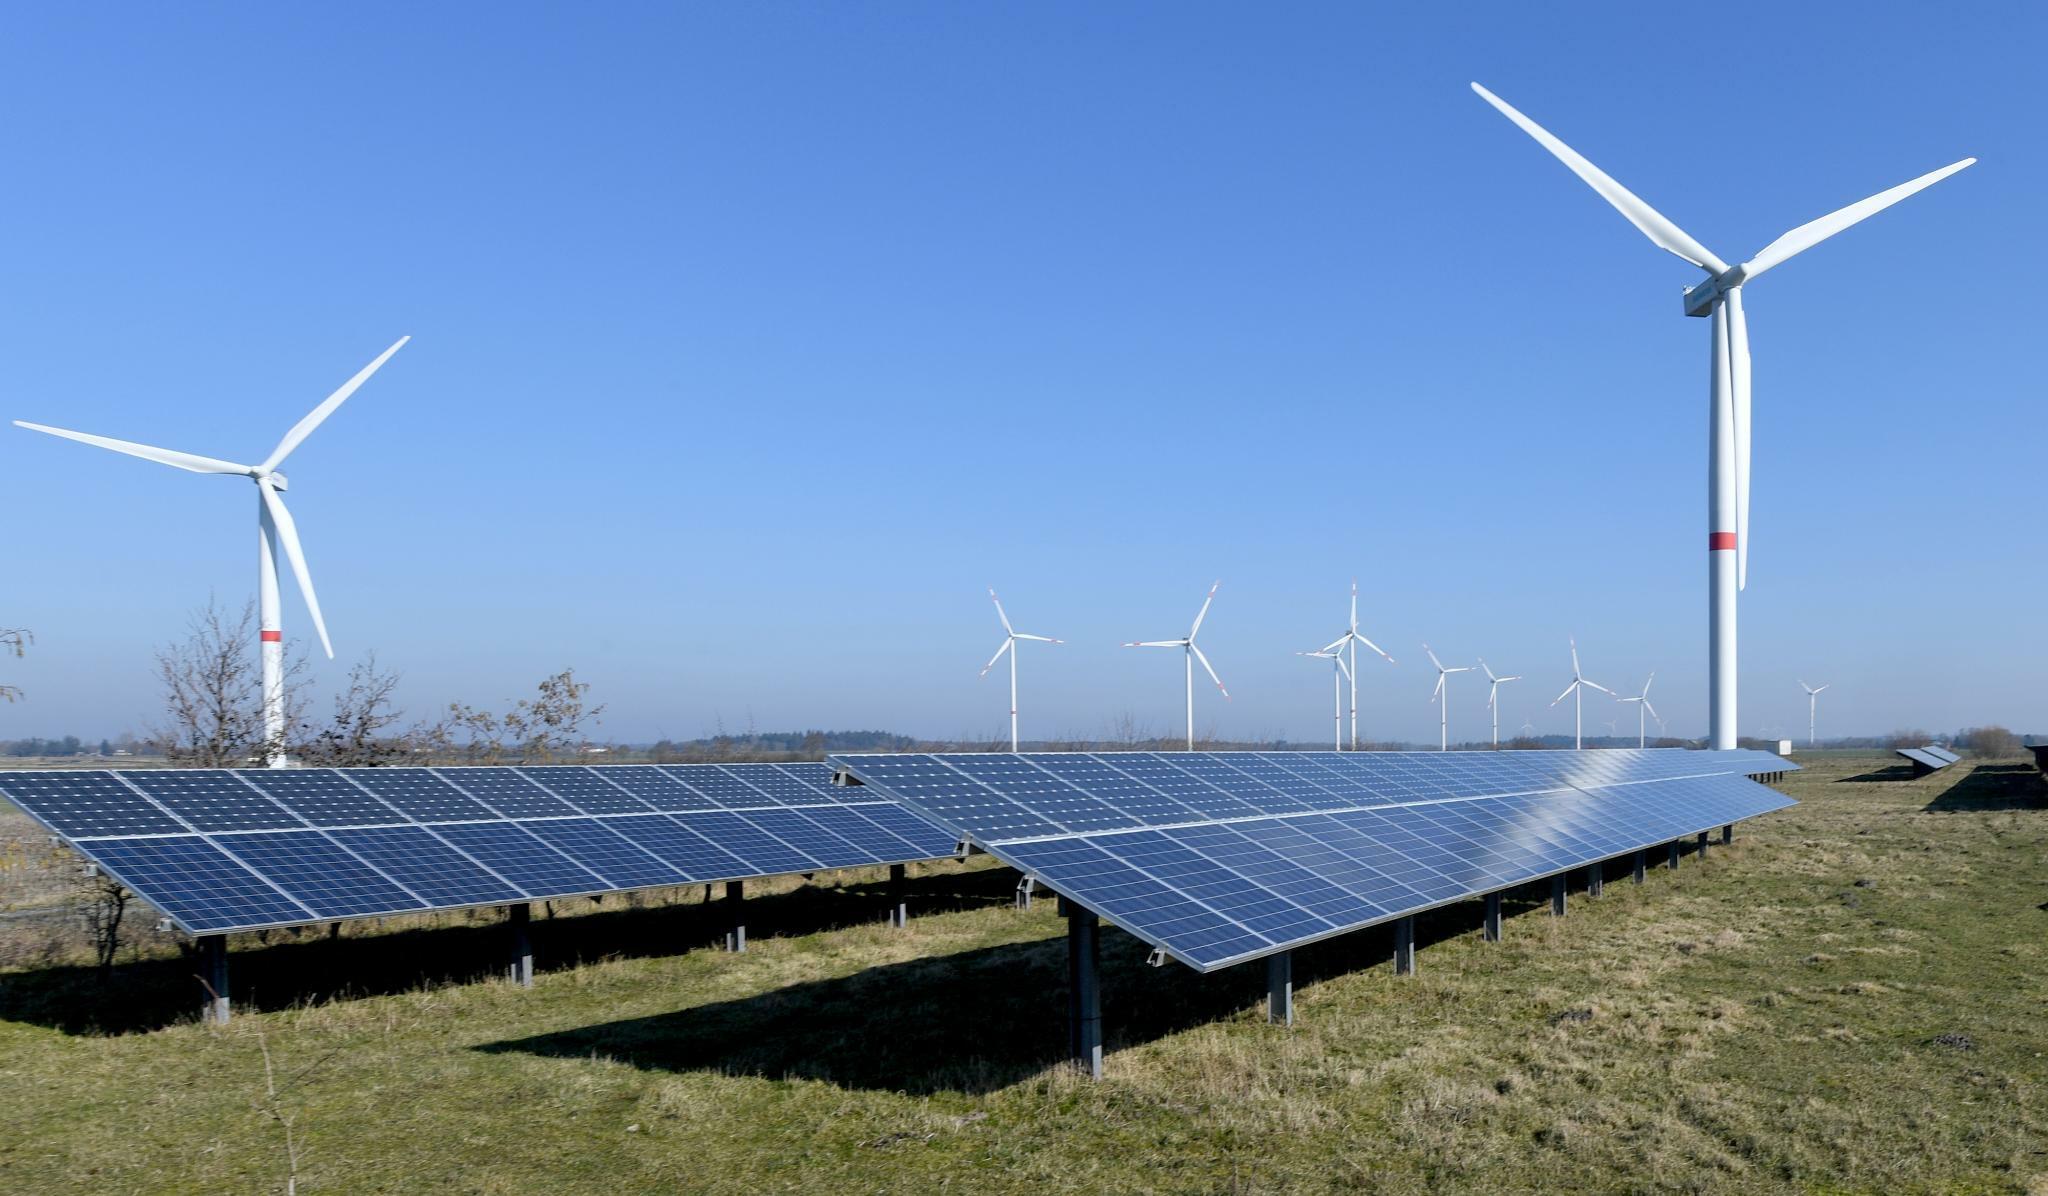 Erneuerbare Energien machen fast die Hälfte des Stroms aus